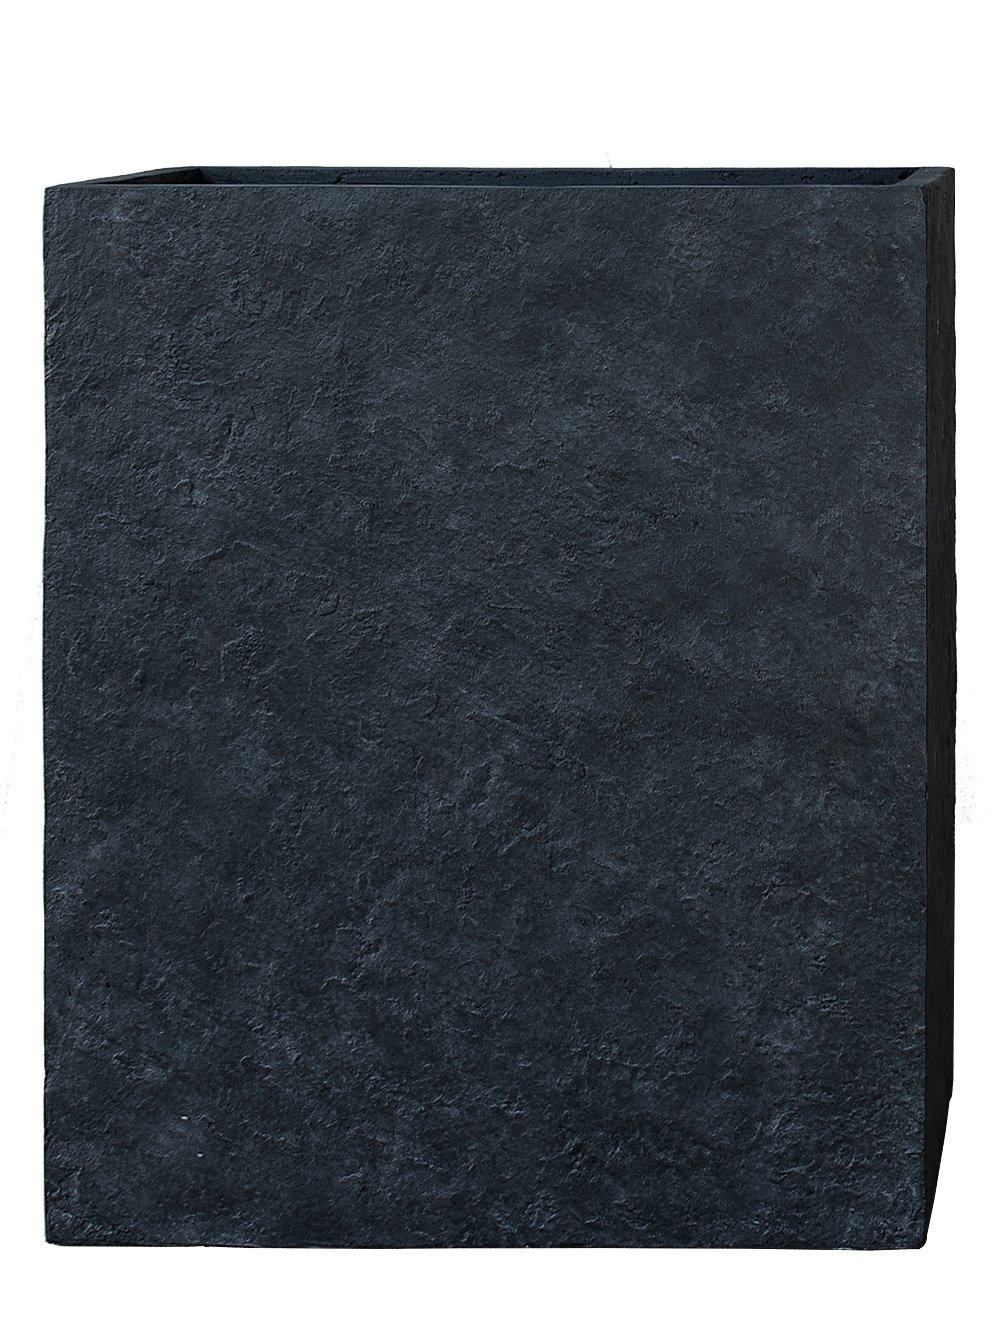 PFLANZWERK® Pflanzkübel DIVIDER Lava Anthrazit 92x80x30cm *Frostbeständig* *UV-Schutz* *Qualitätsware*